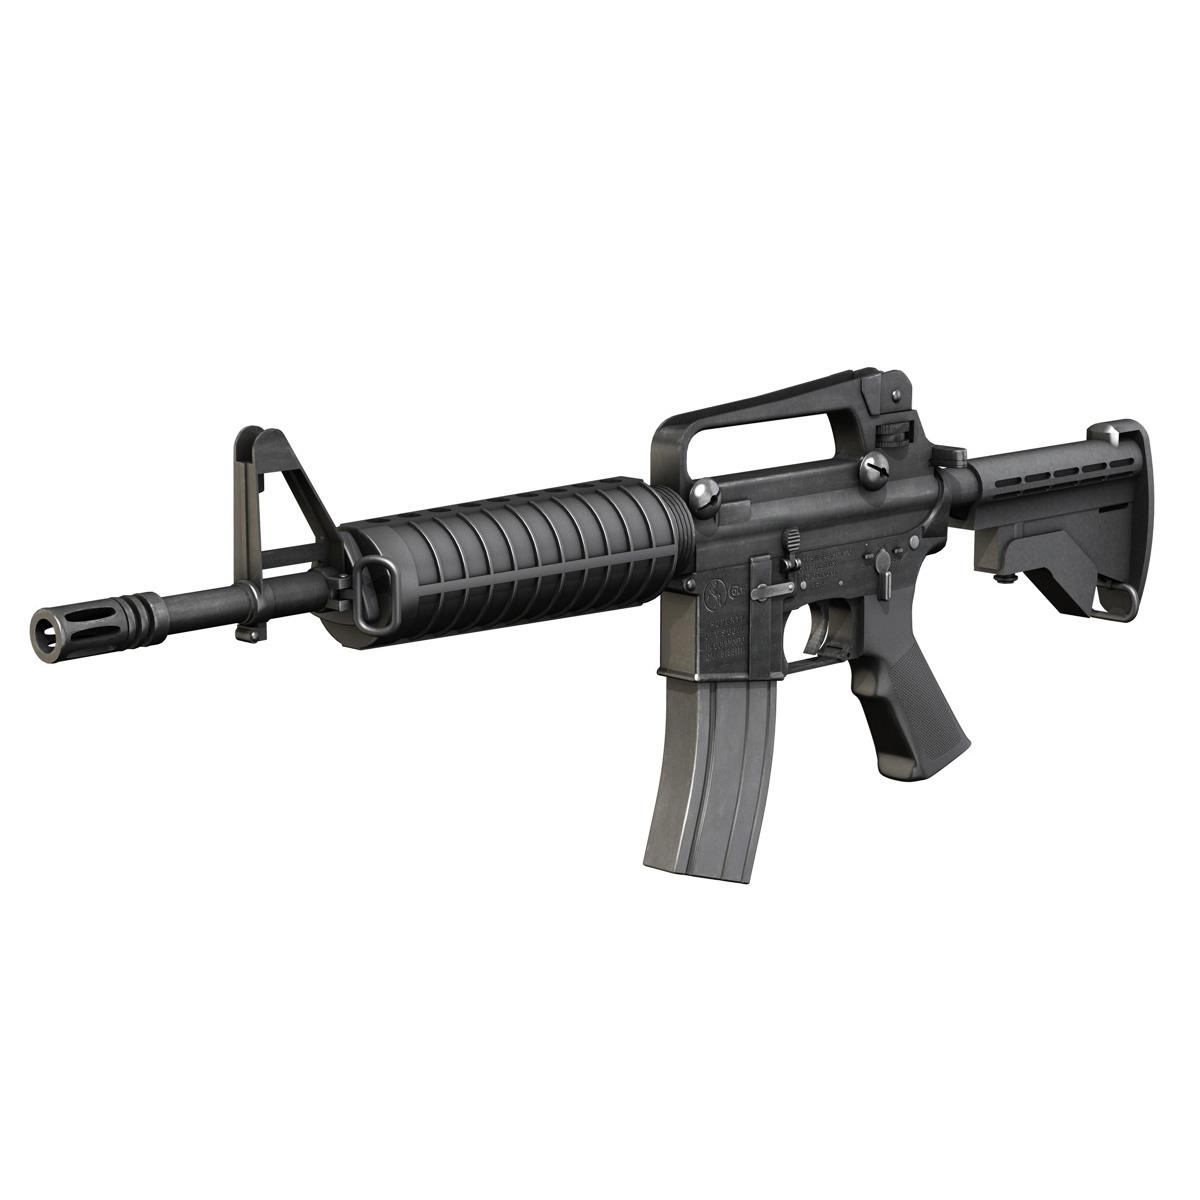 colt m4 commando assault rifle 3d model 3ds fbx c4d lwo obj 187496